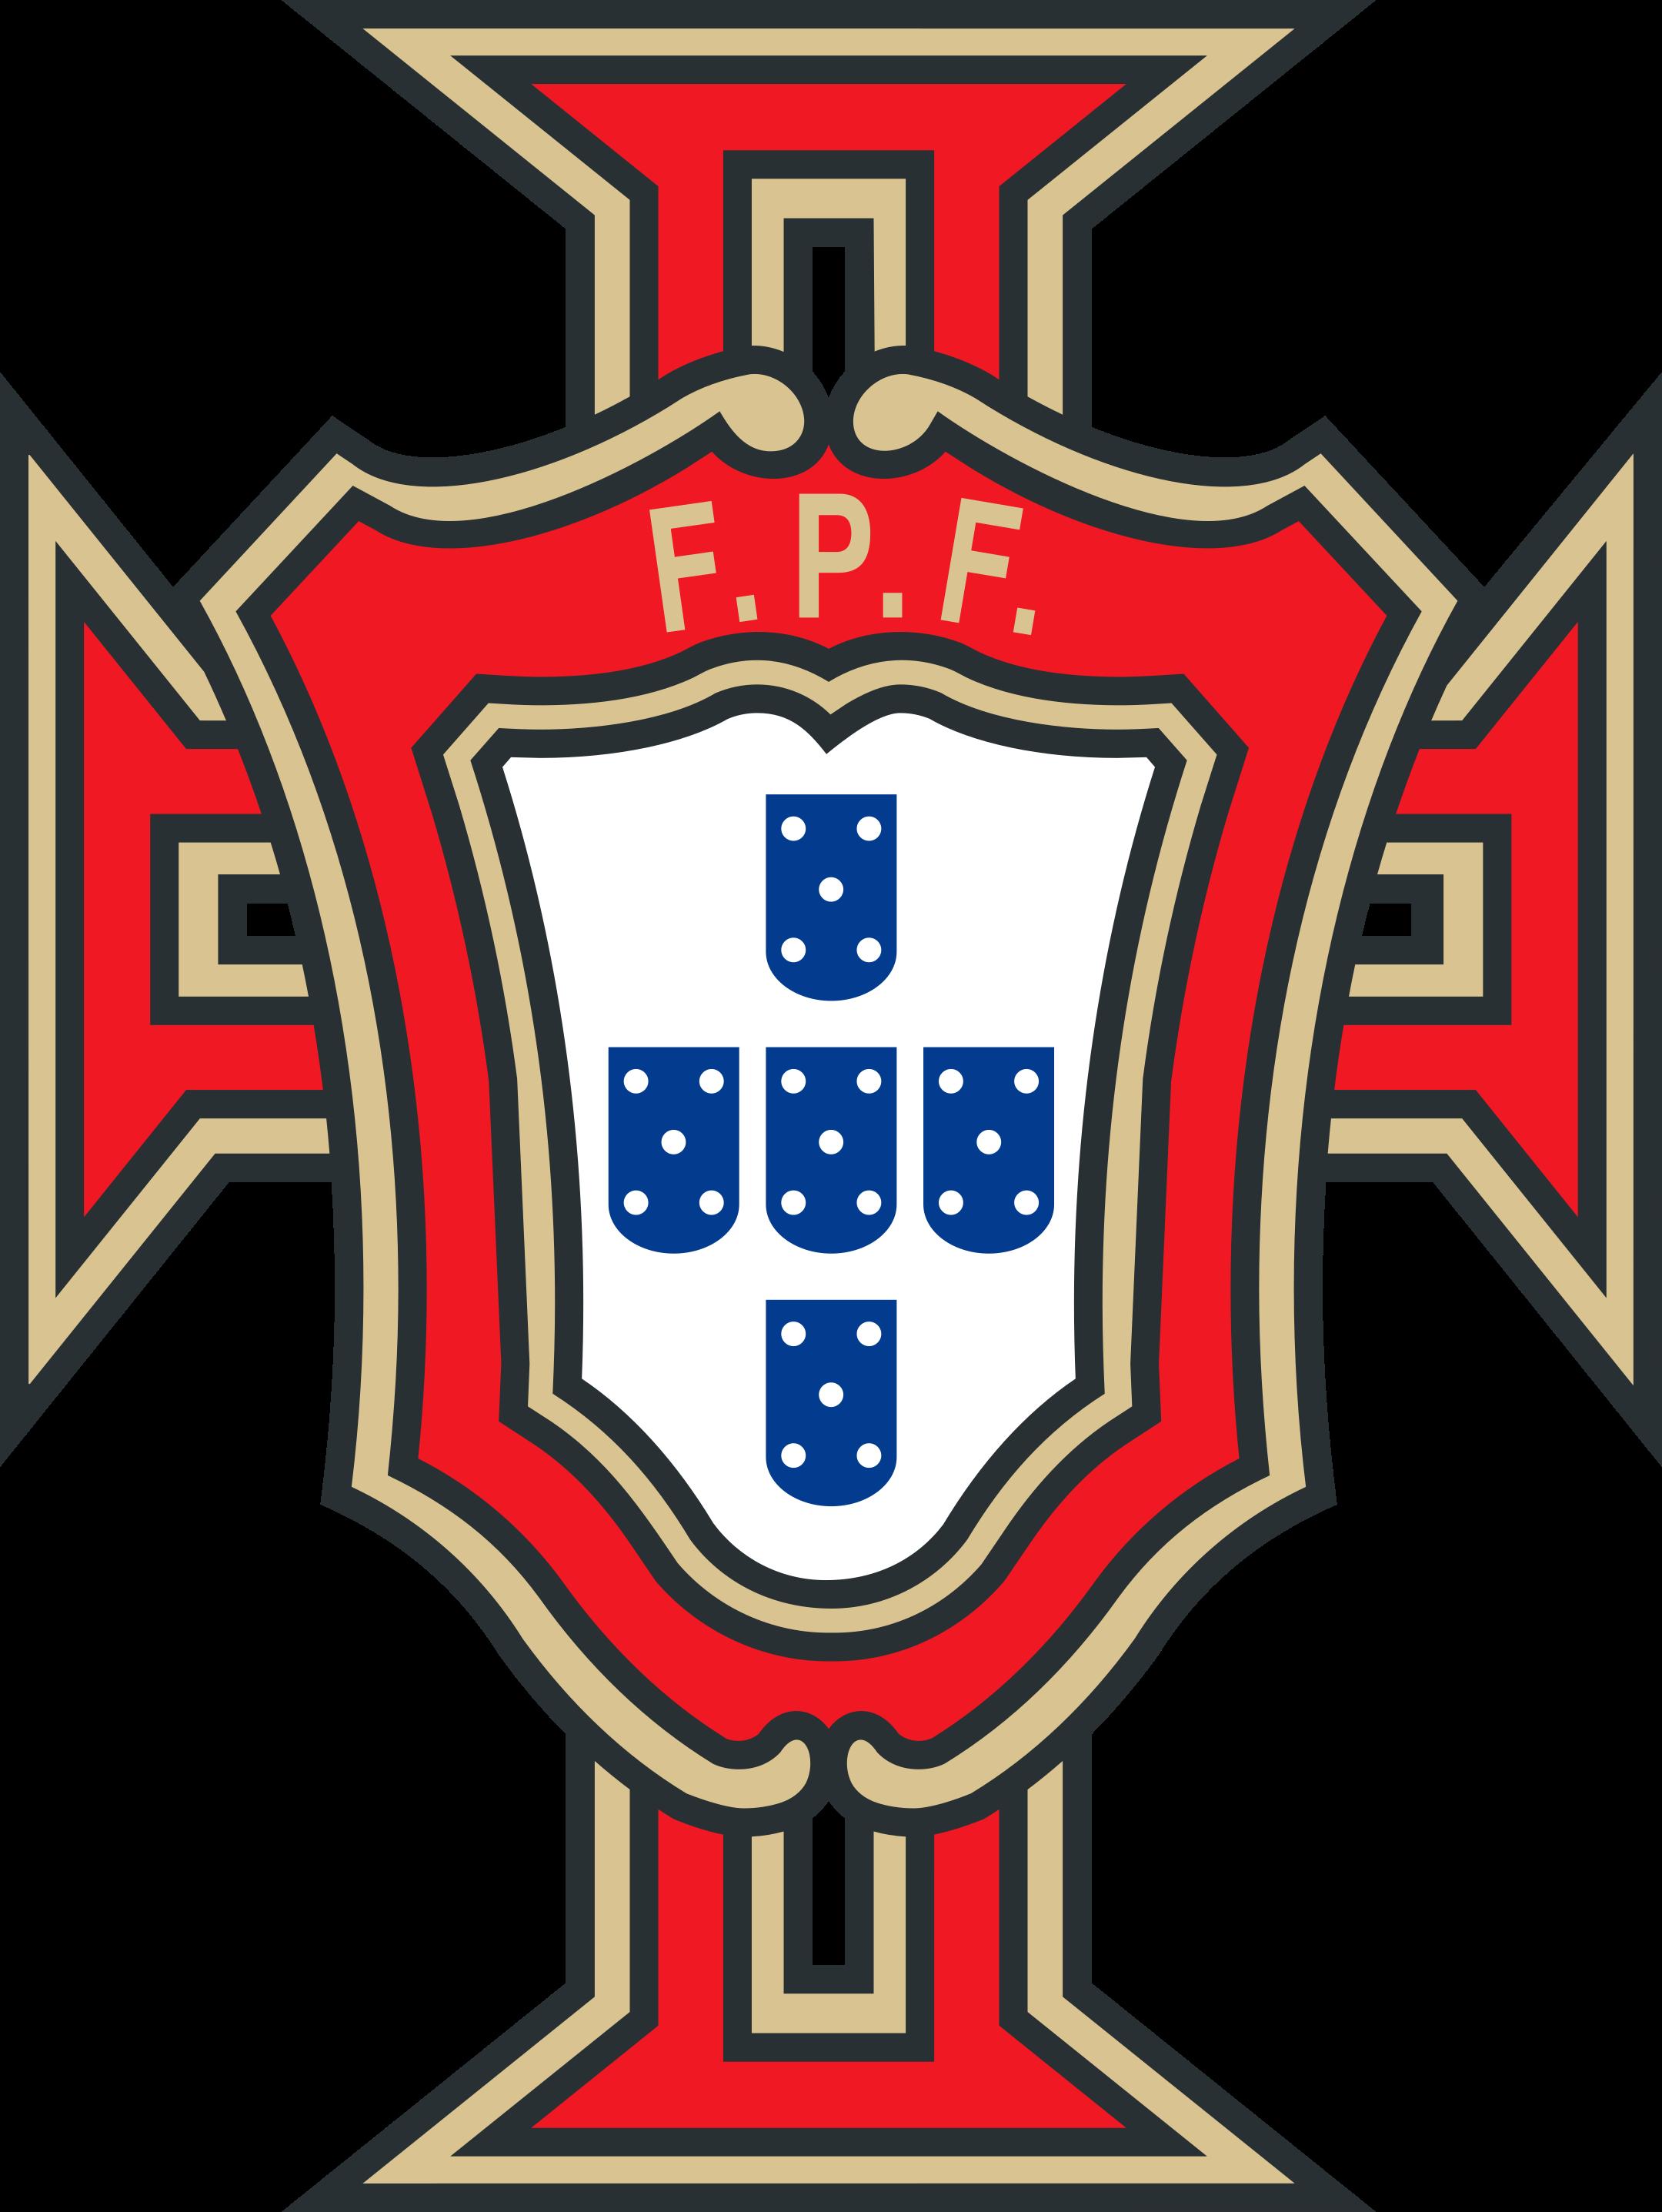 fpf selecao de portugal logo 1 - FPF - Selección de fútbol de Portugal Logo